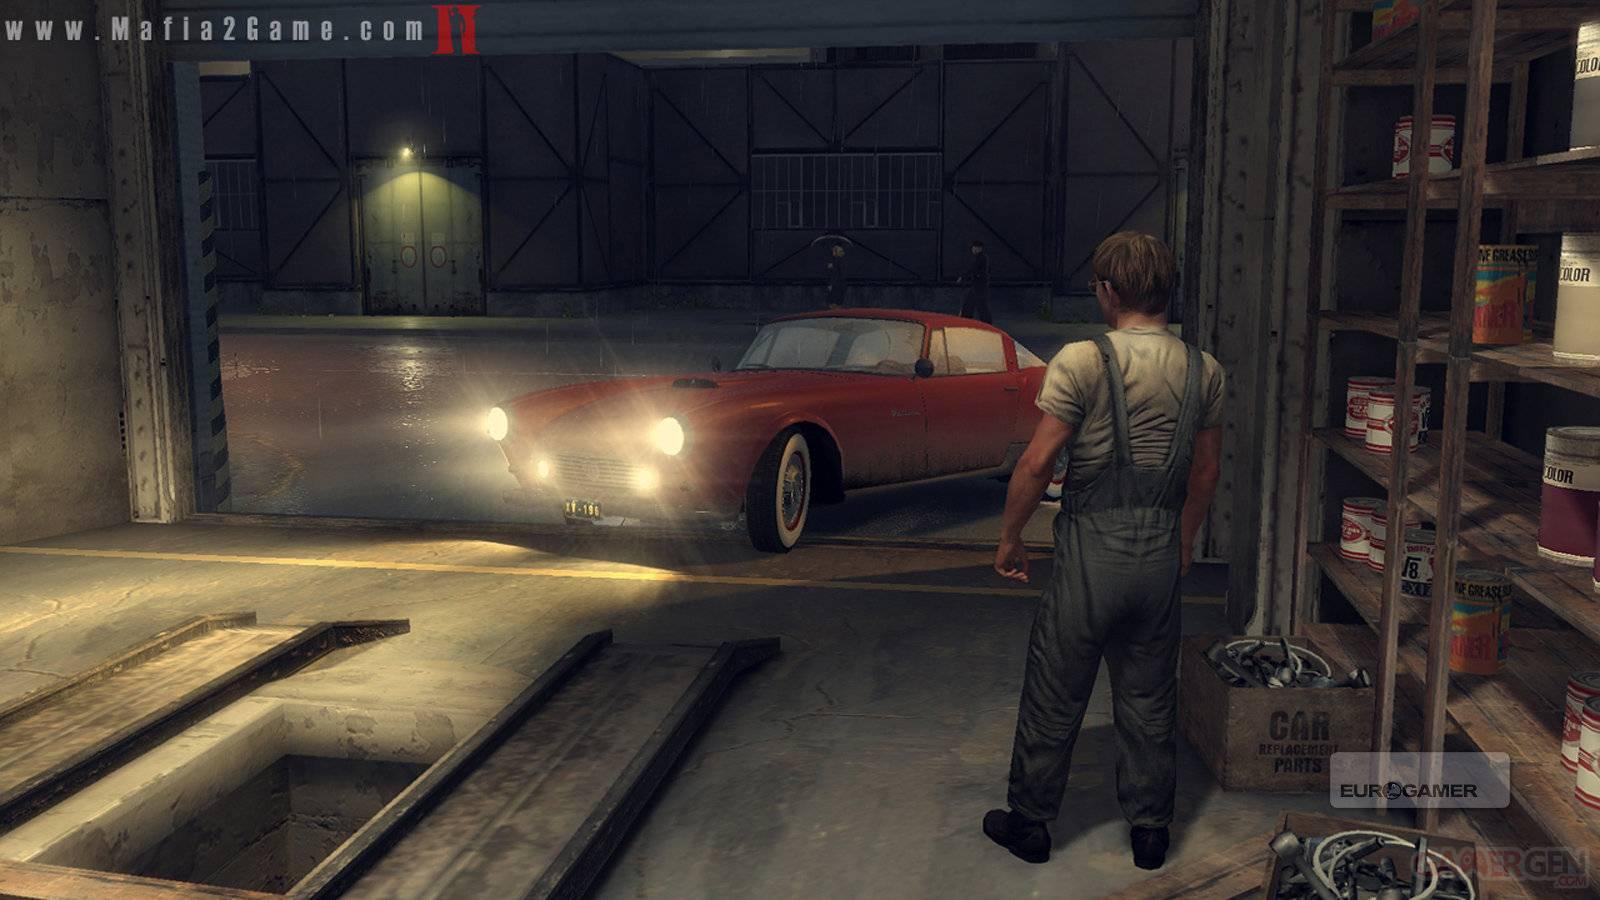 mafia-2-screen (3)